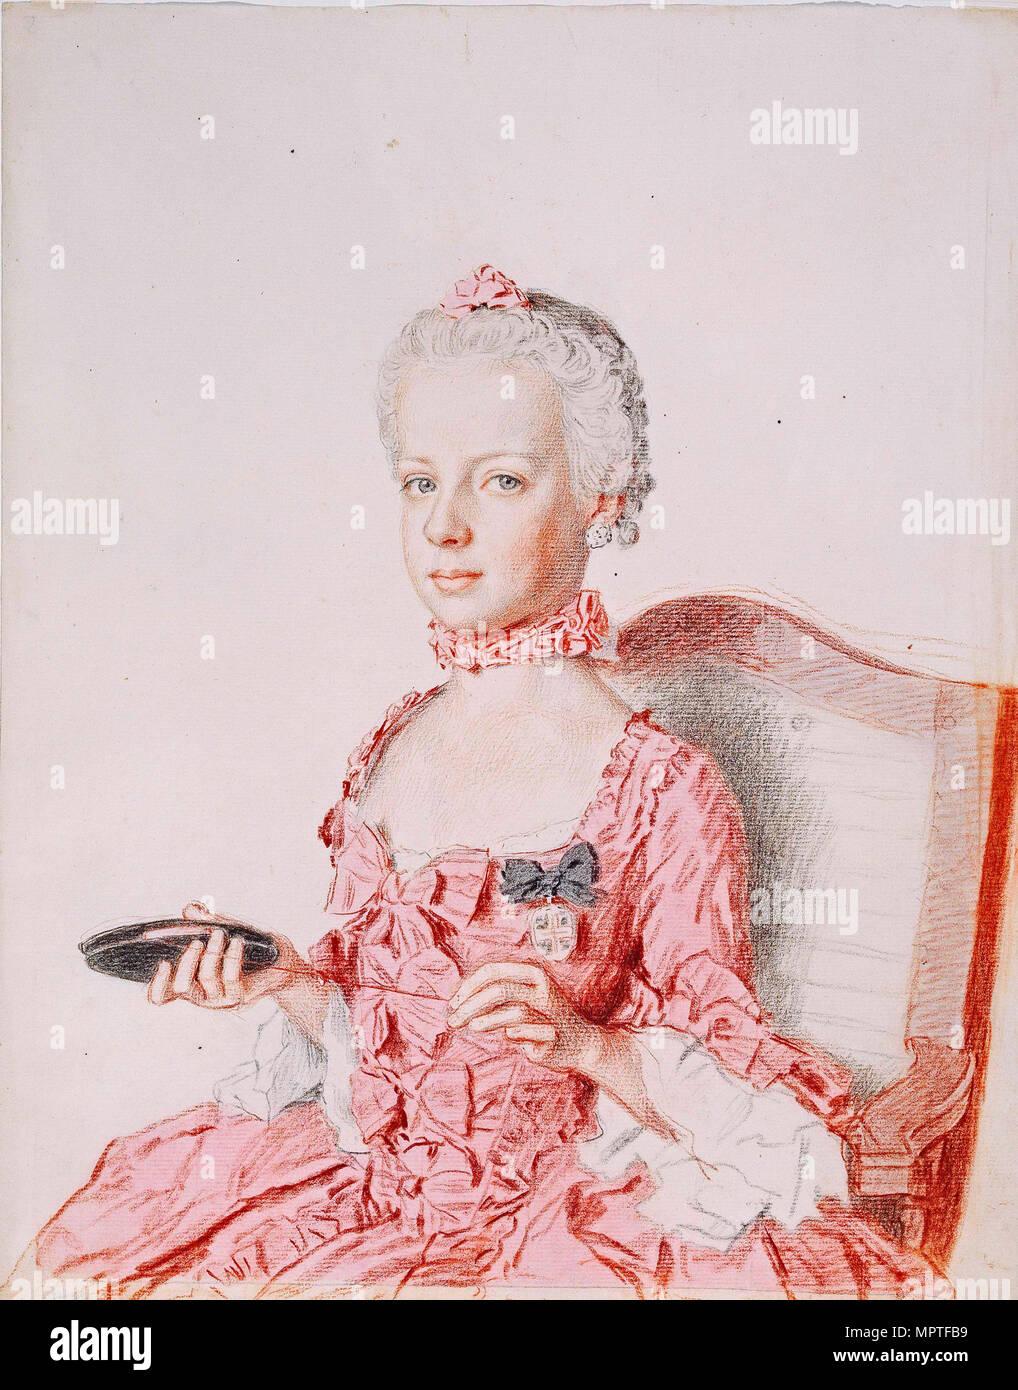 Marie-antoinette, Archiduchesse d'Autriche, 1762. Banque D'Images